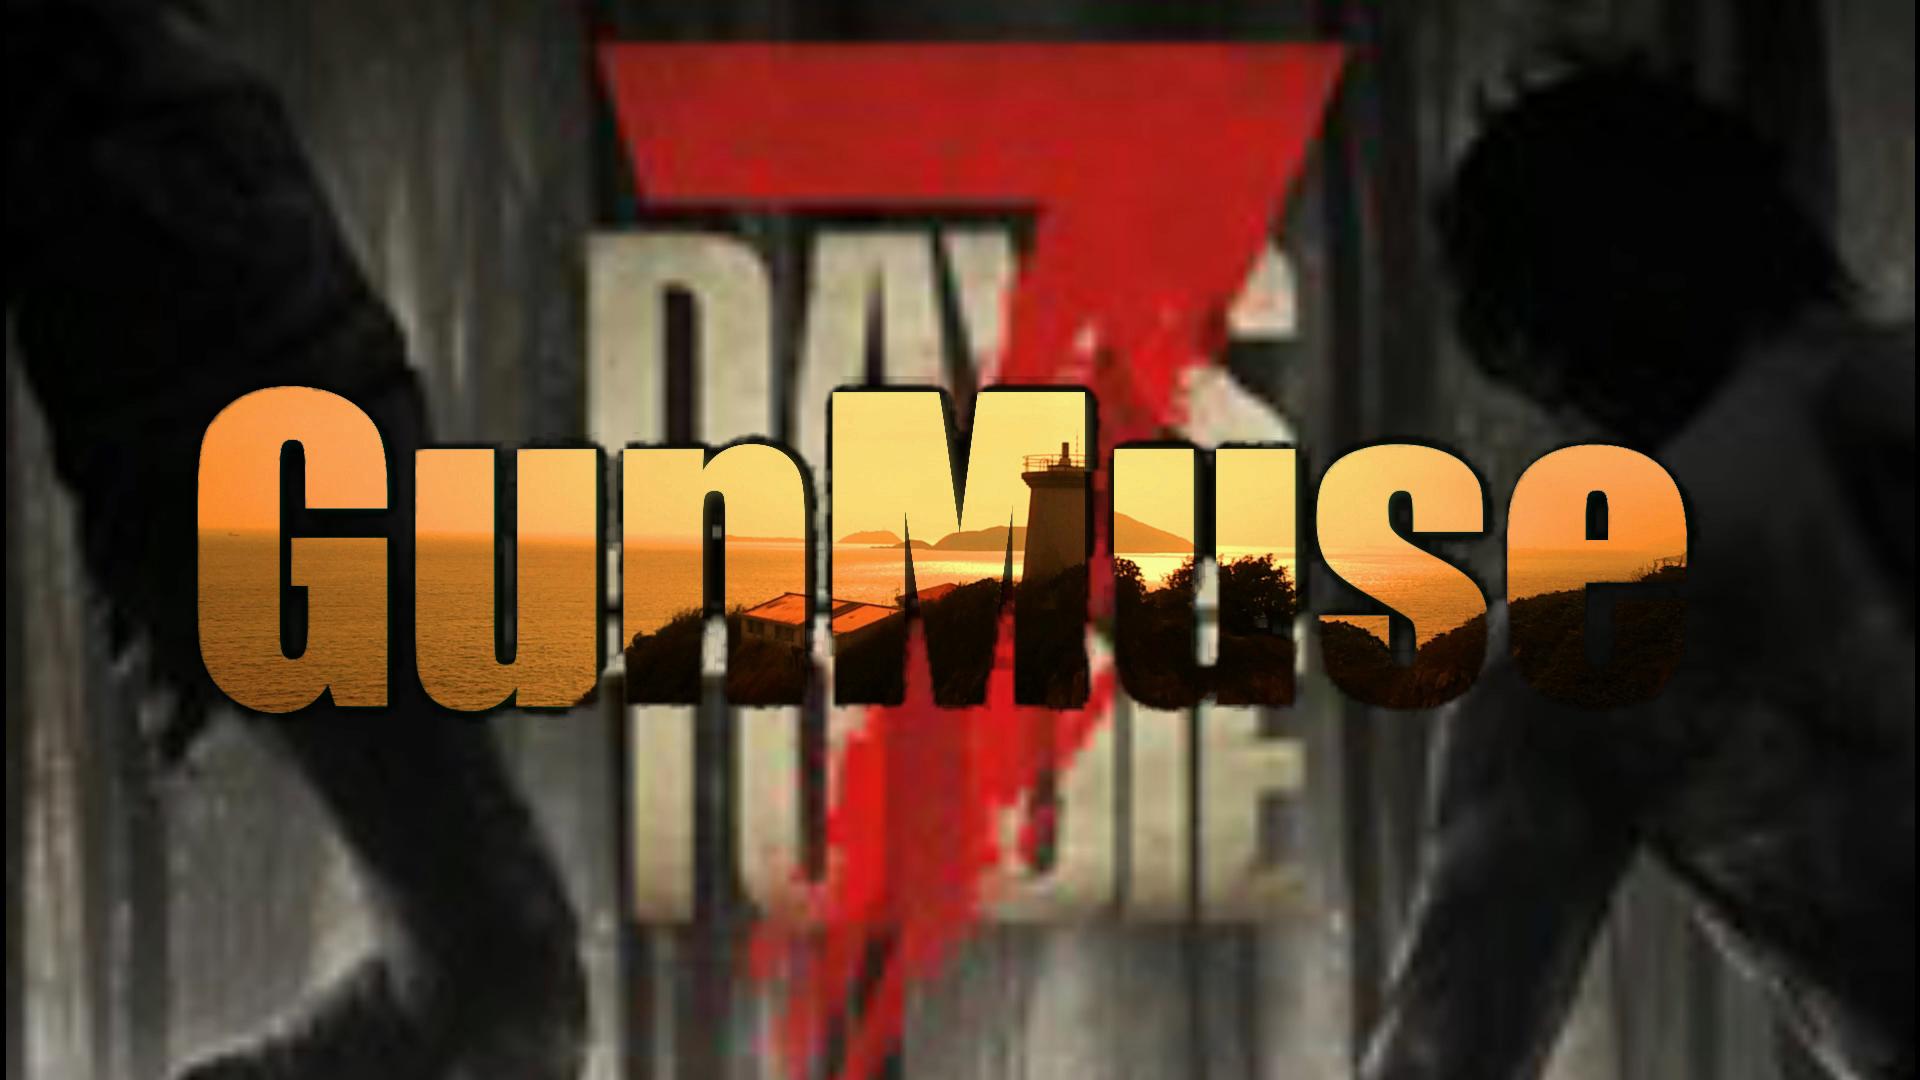 7 Days to Die GunMuse Logo 7D2D